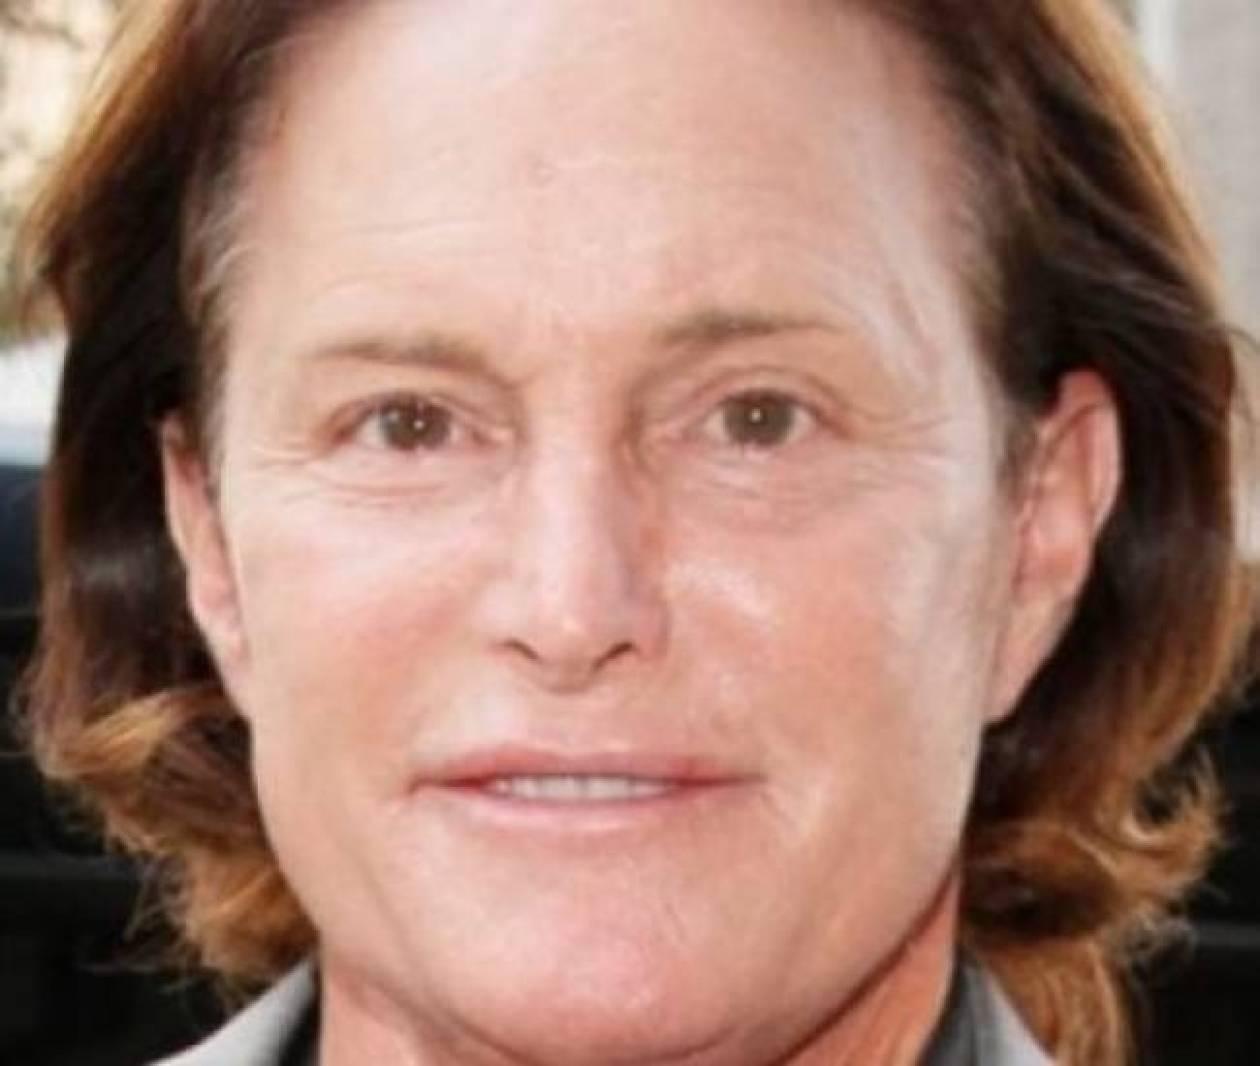 Από ποιο σύνδρομο υποφέρει ο Bruce Jenner;